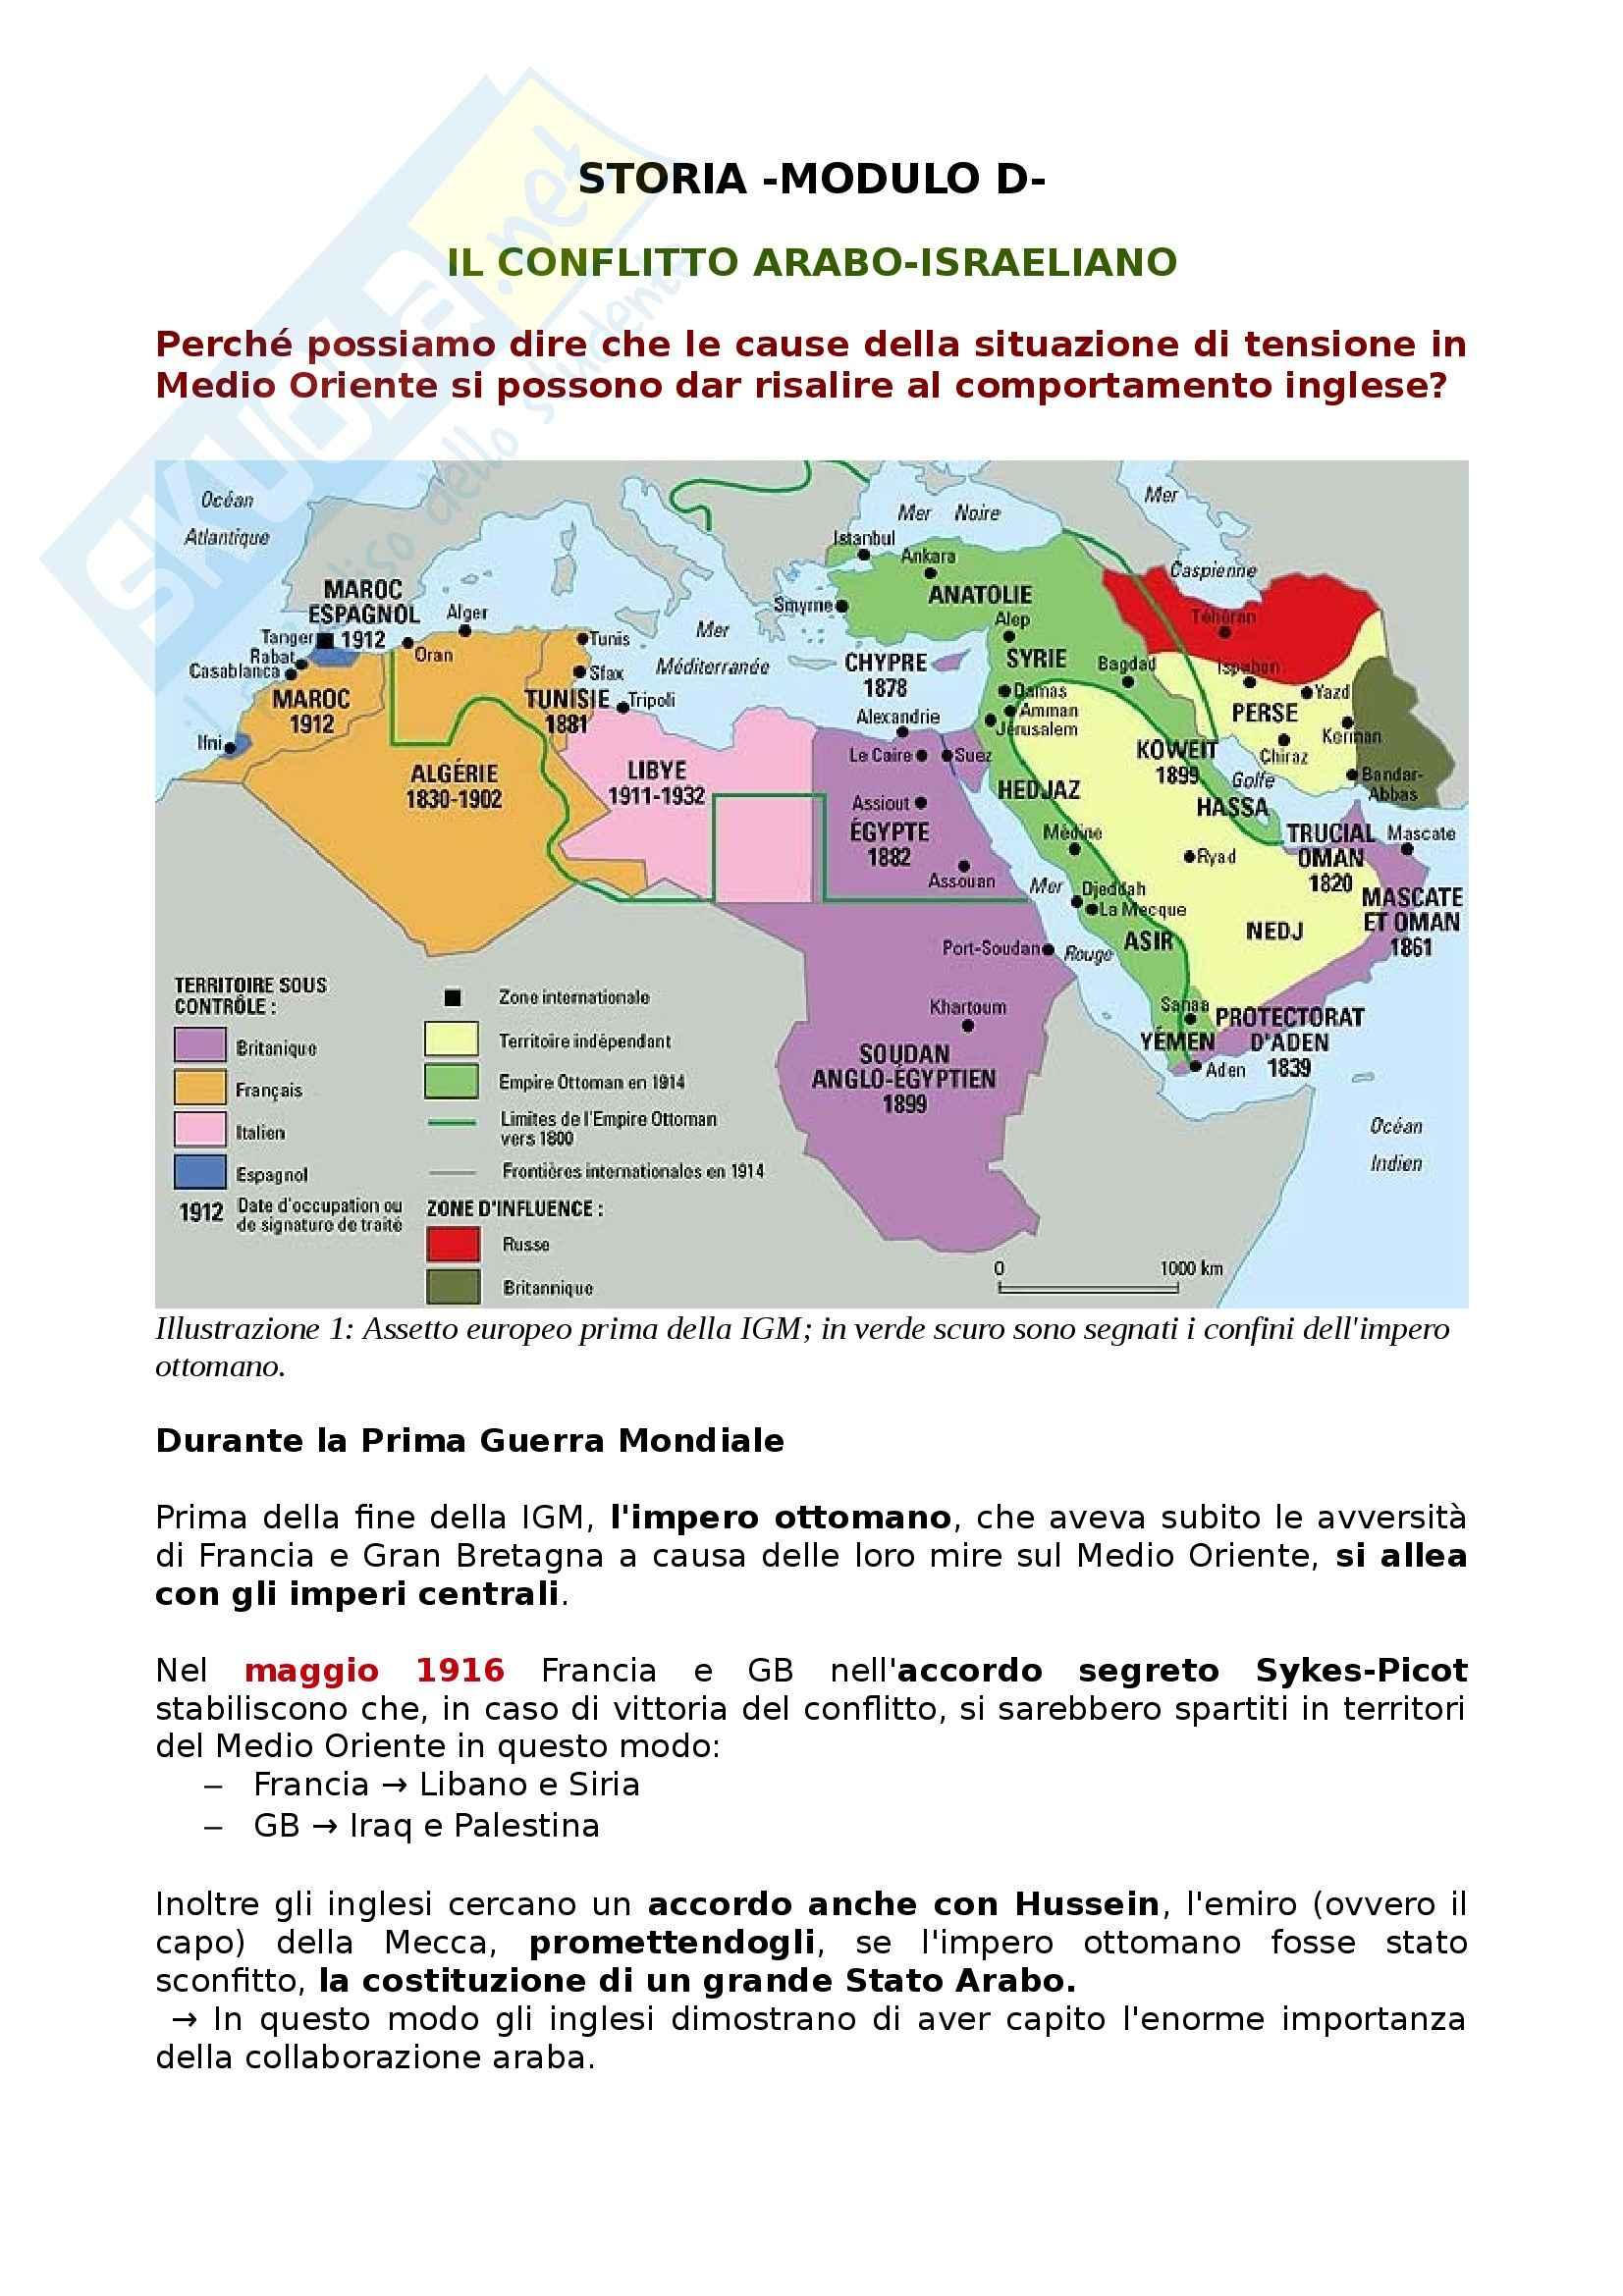 Storia contemporanea - conflitto arabo-israeliano